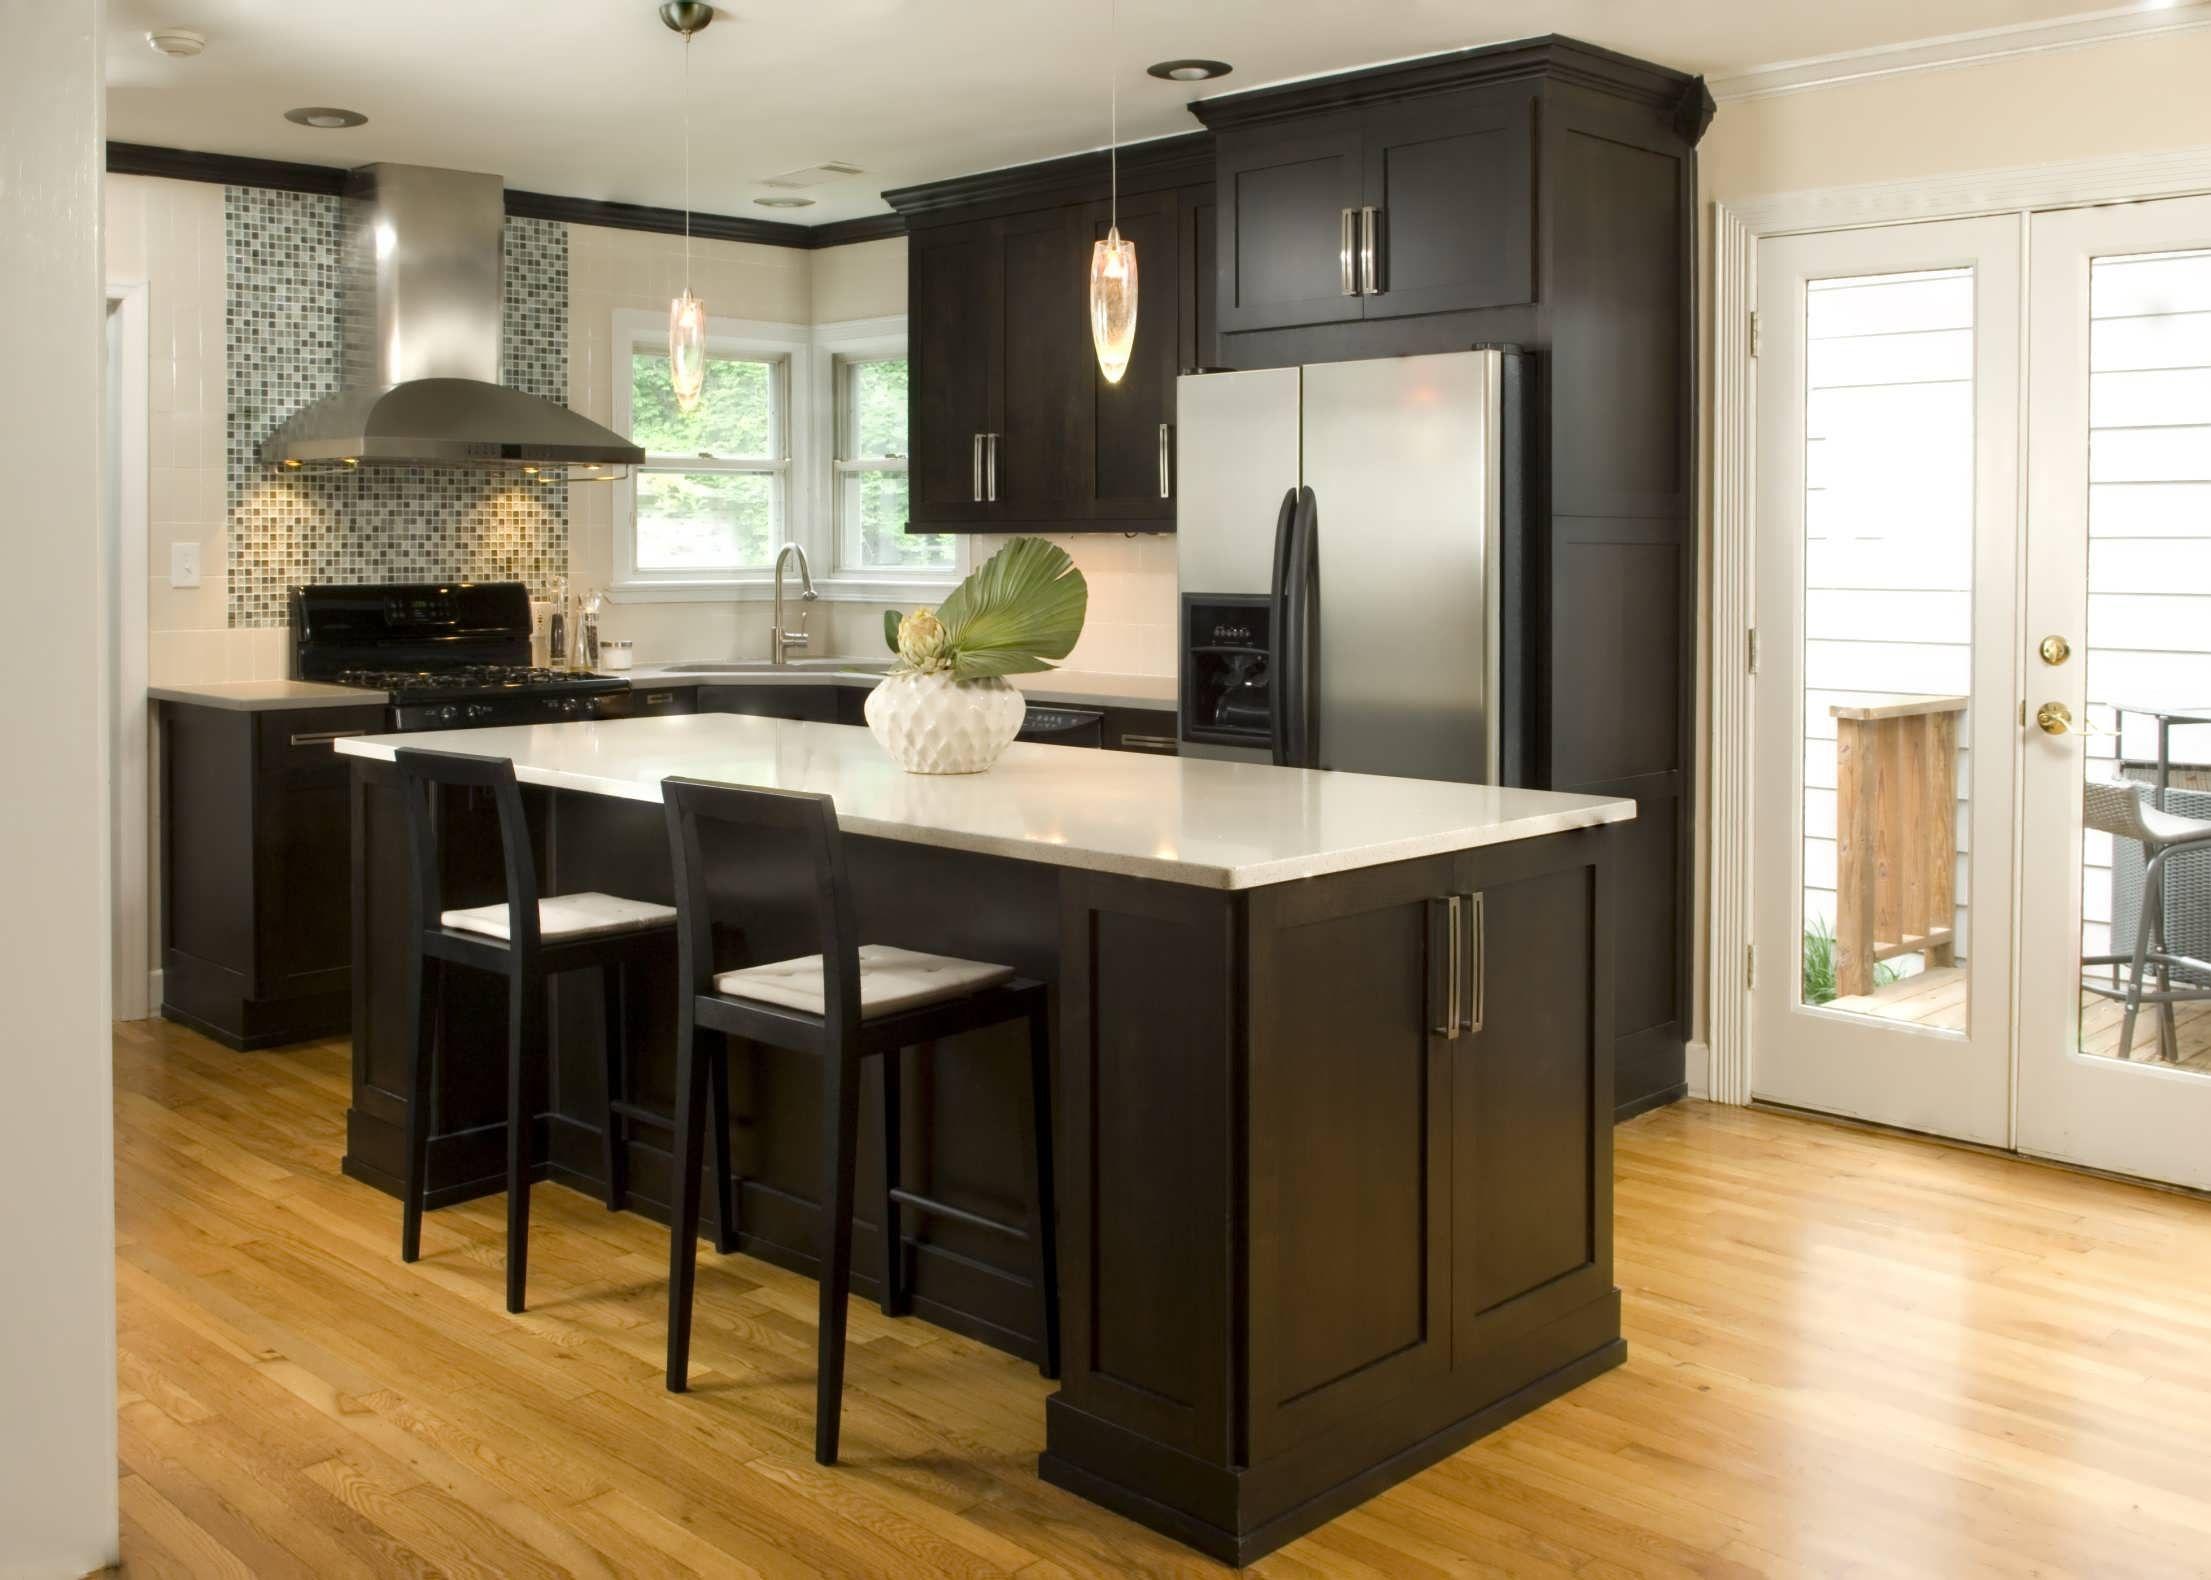 diseño de cocinas integrales modernas pequeñas y diseño de cocinas ...